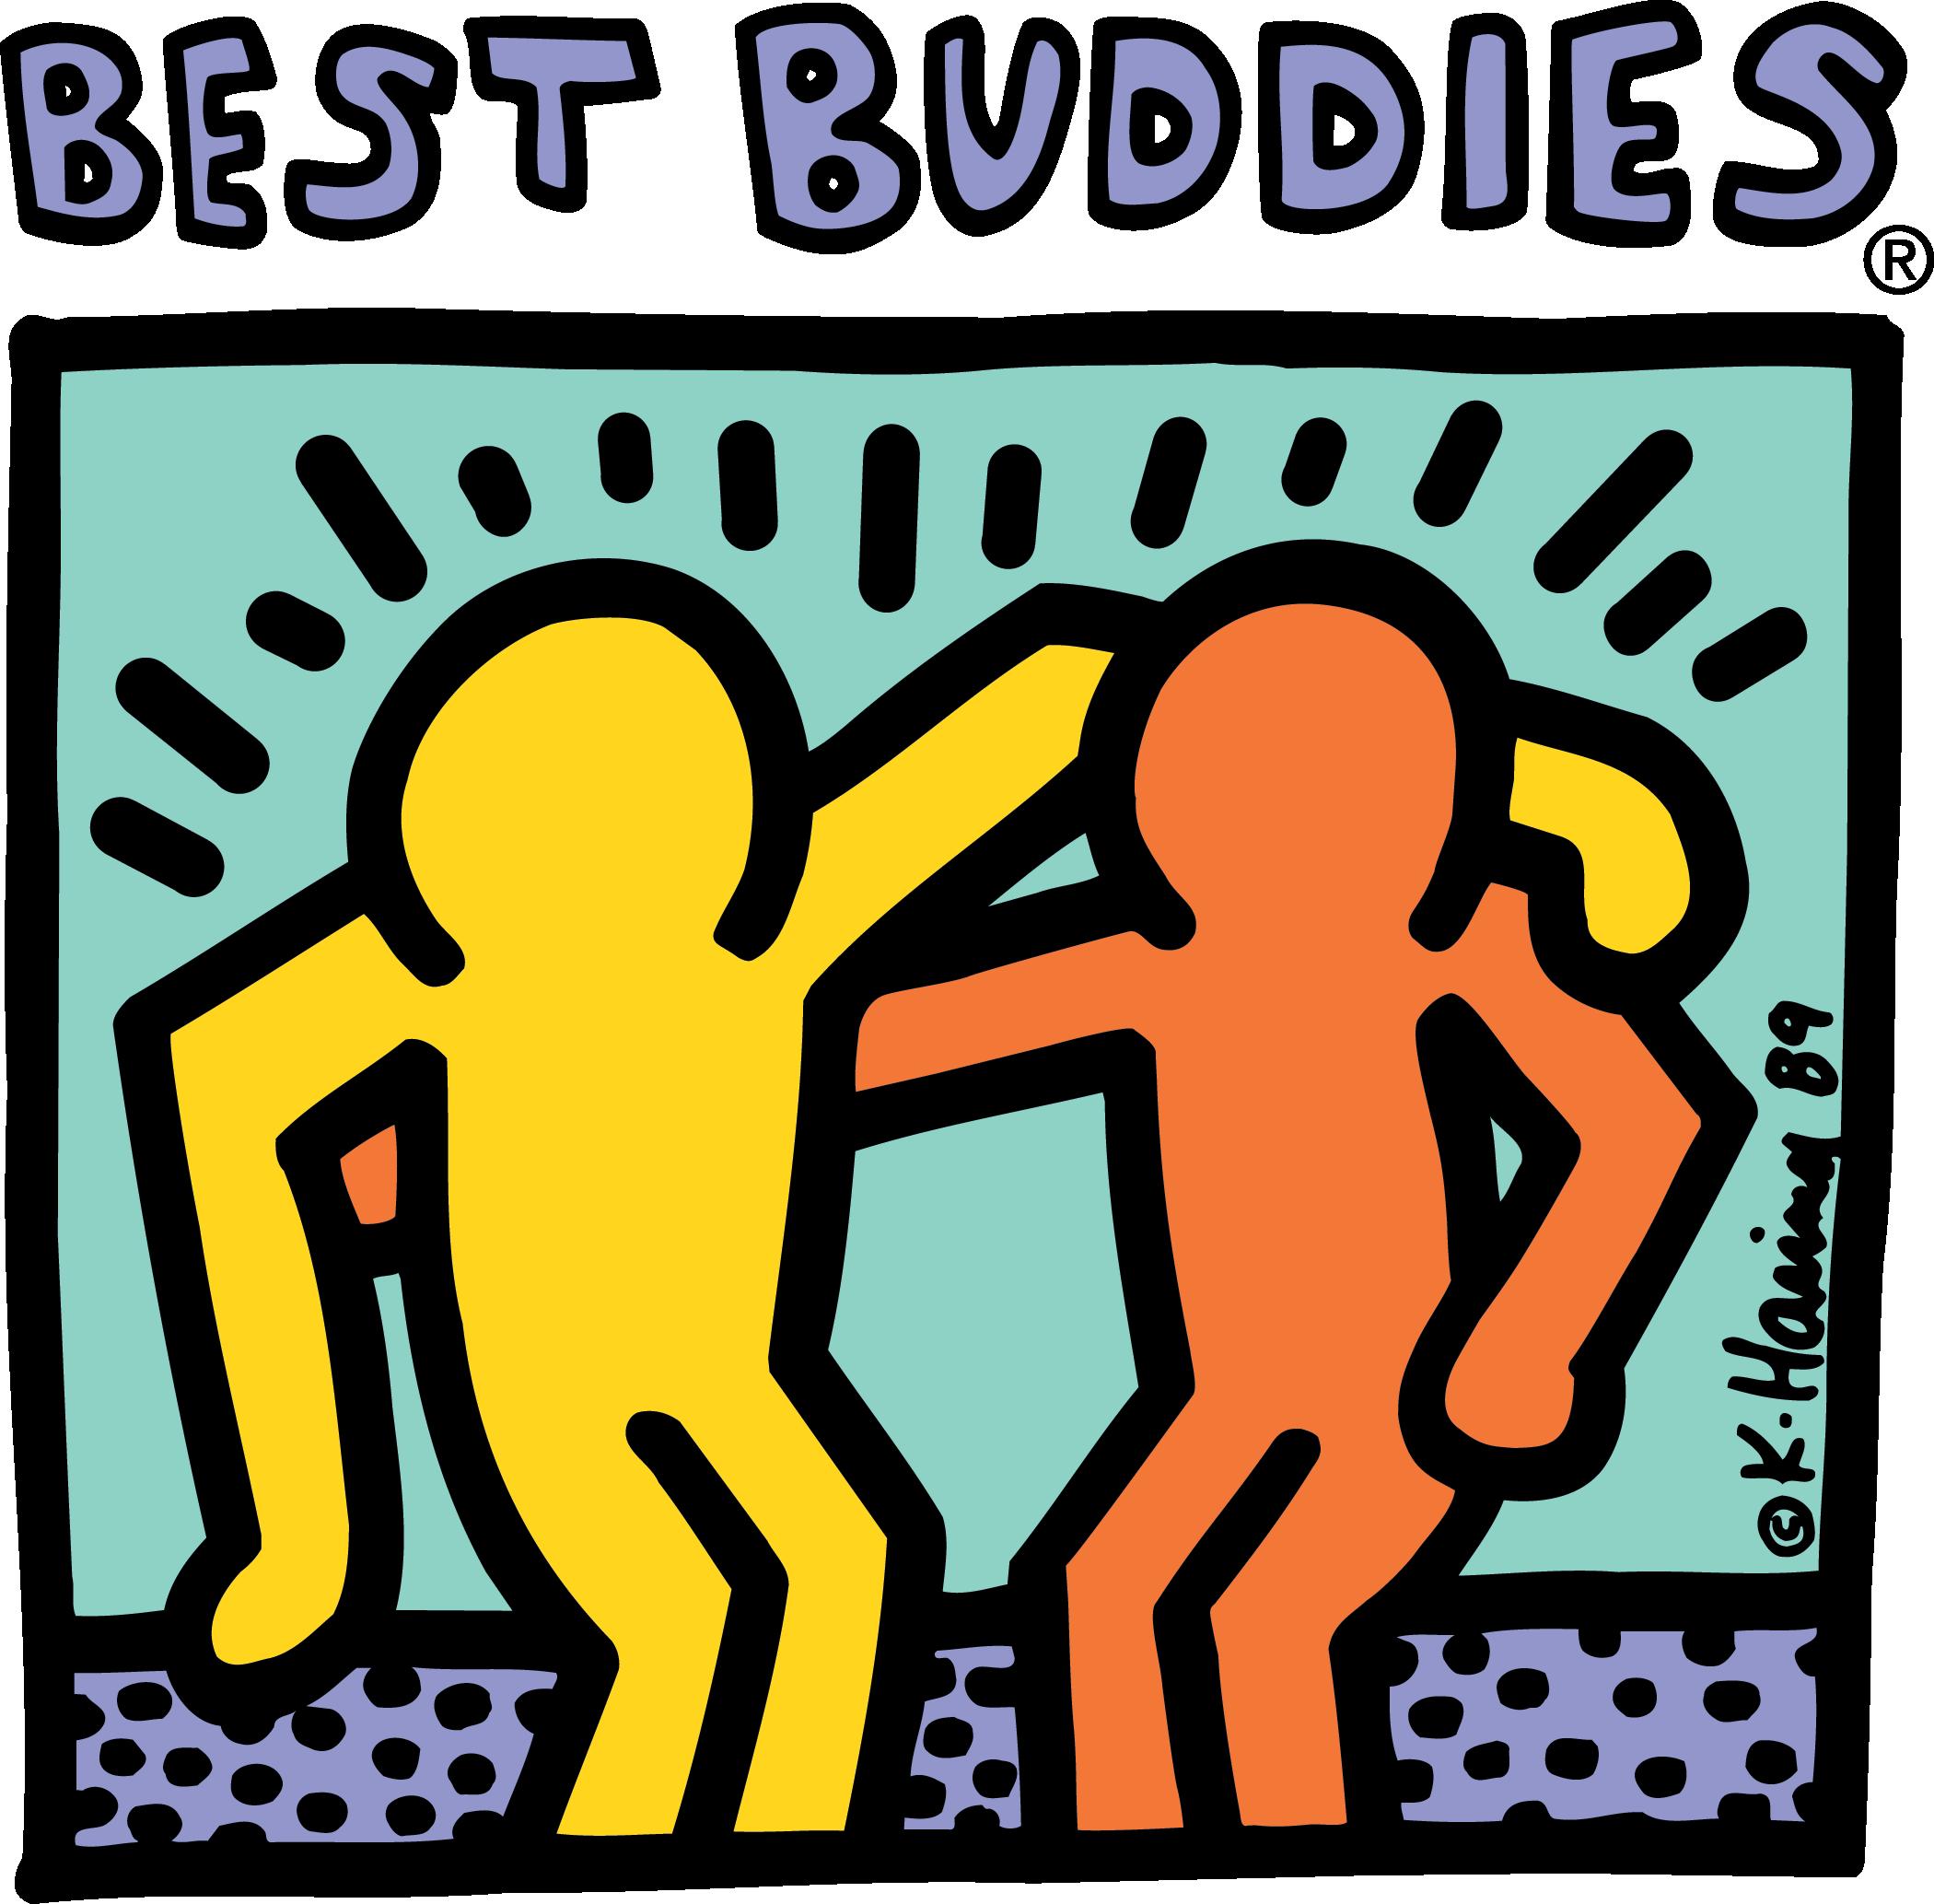 Best Buddies Spirit of friendship Gala